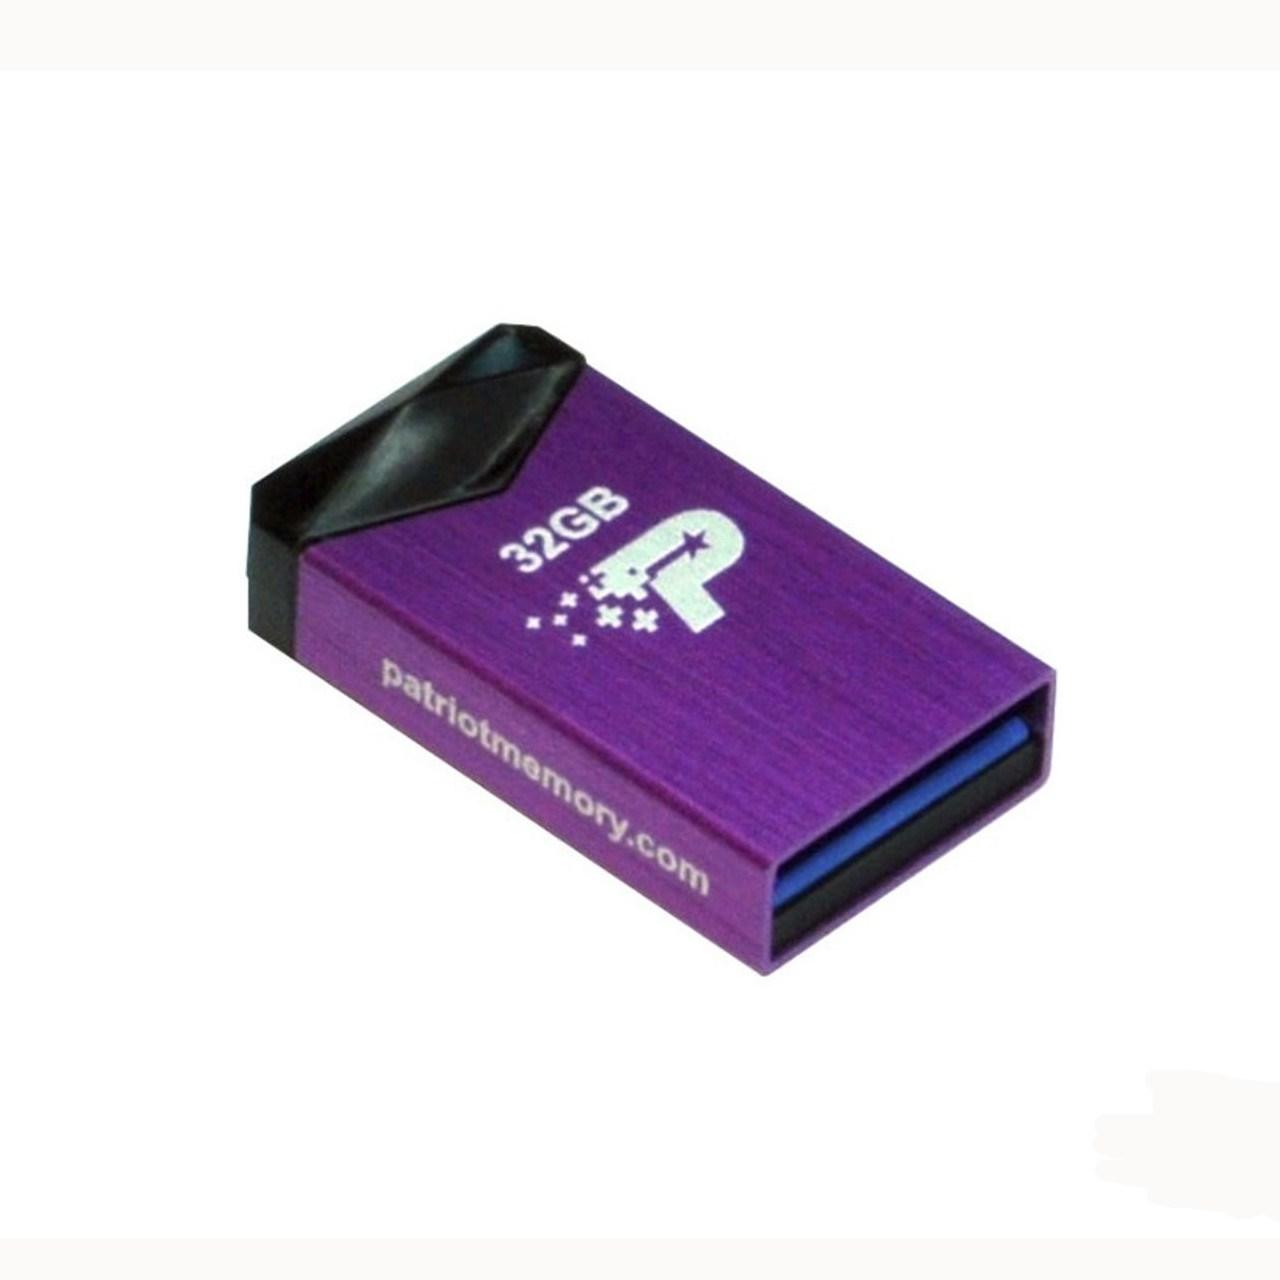 فلش مموری پتریوت مدل Vex USB3.1 ظرفیت 32 گیگابایت